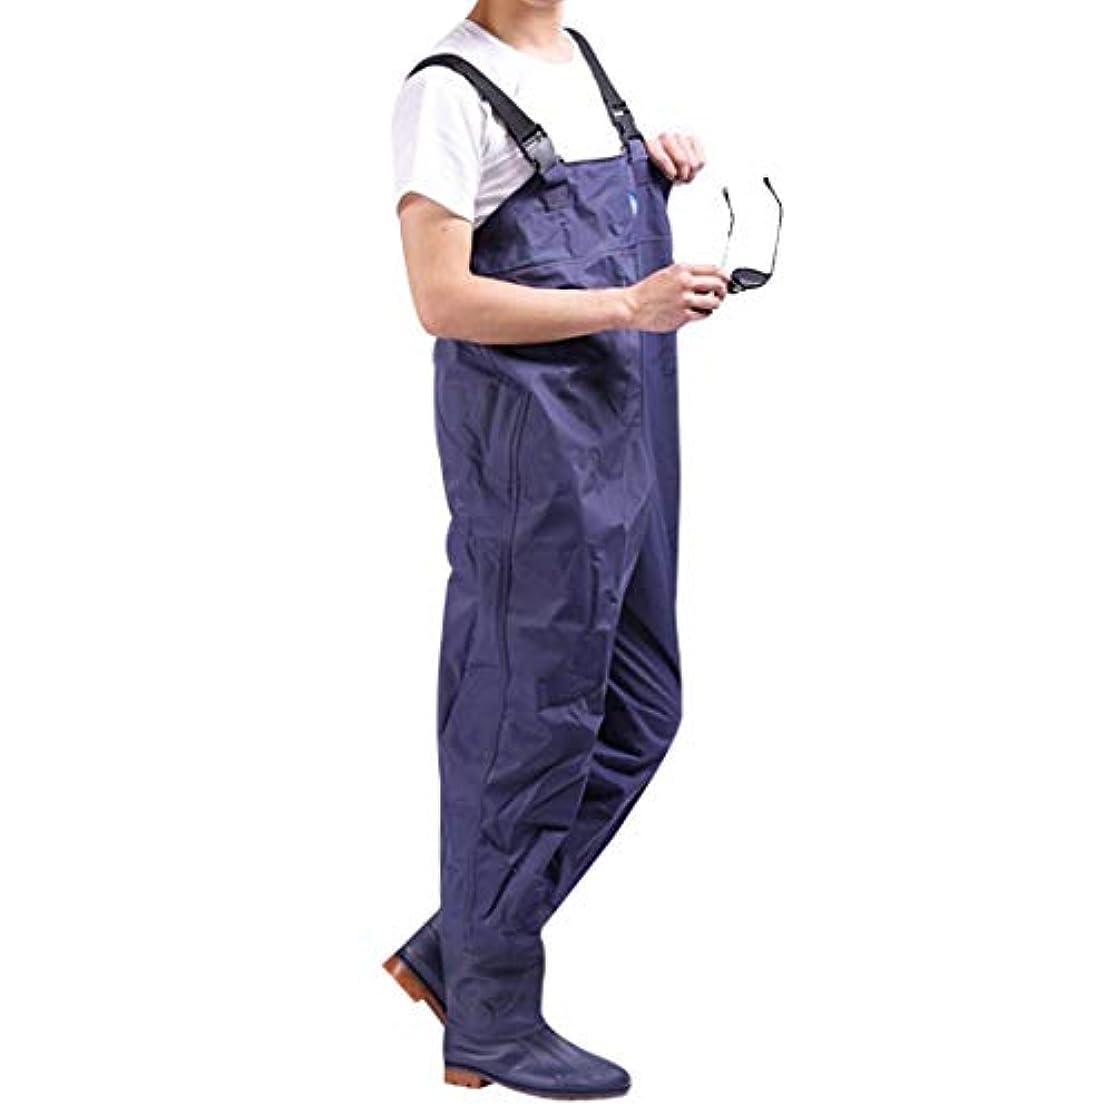 ベリーイタリック疎外Autek 釣り用ウェーダーズパンツ チェストワーク 防水 大人用パンツ オーバーオール ブーツ